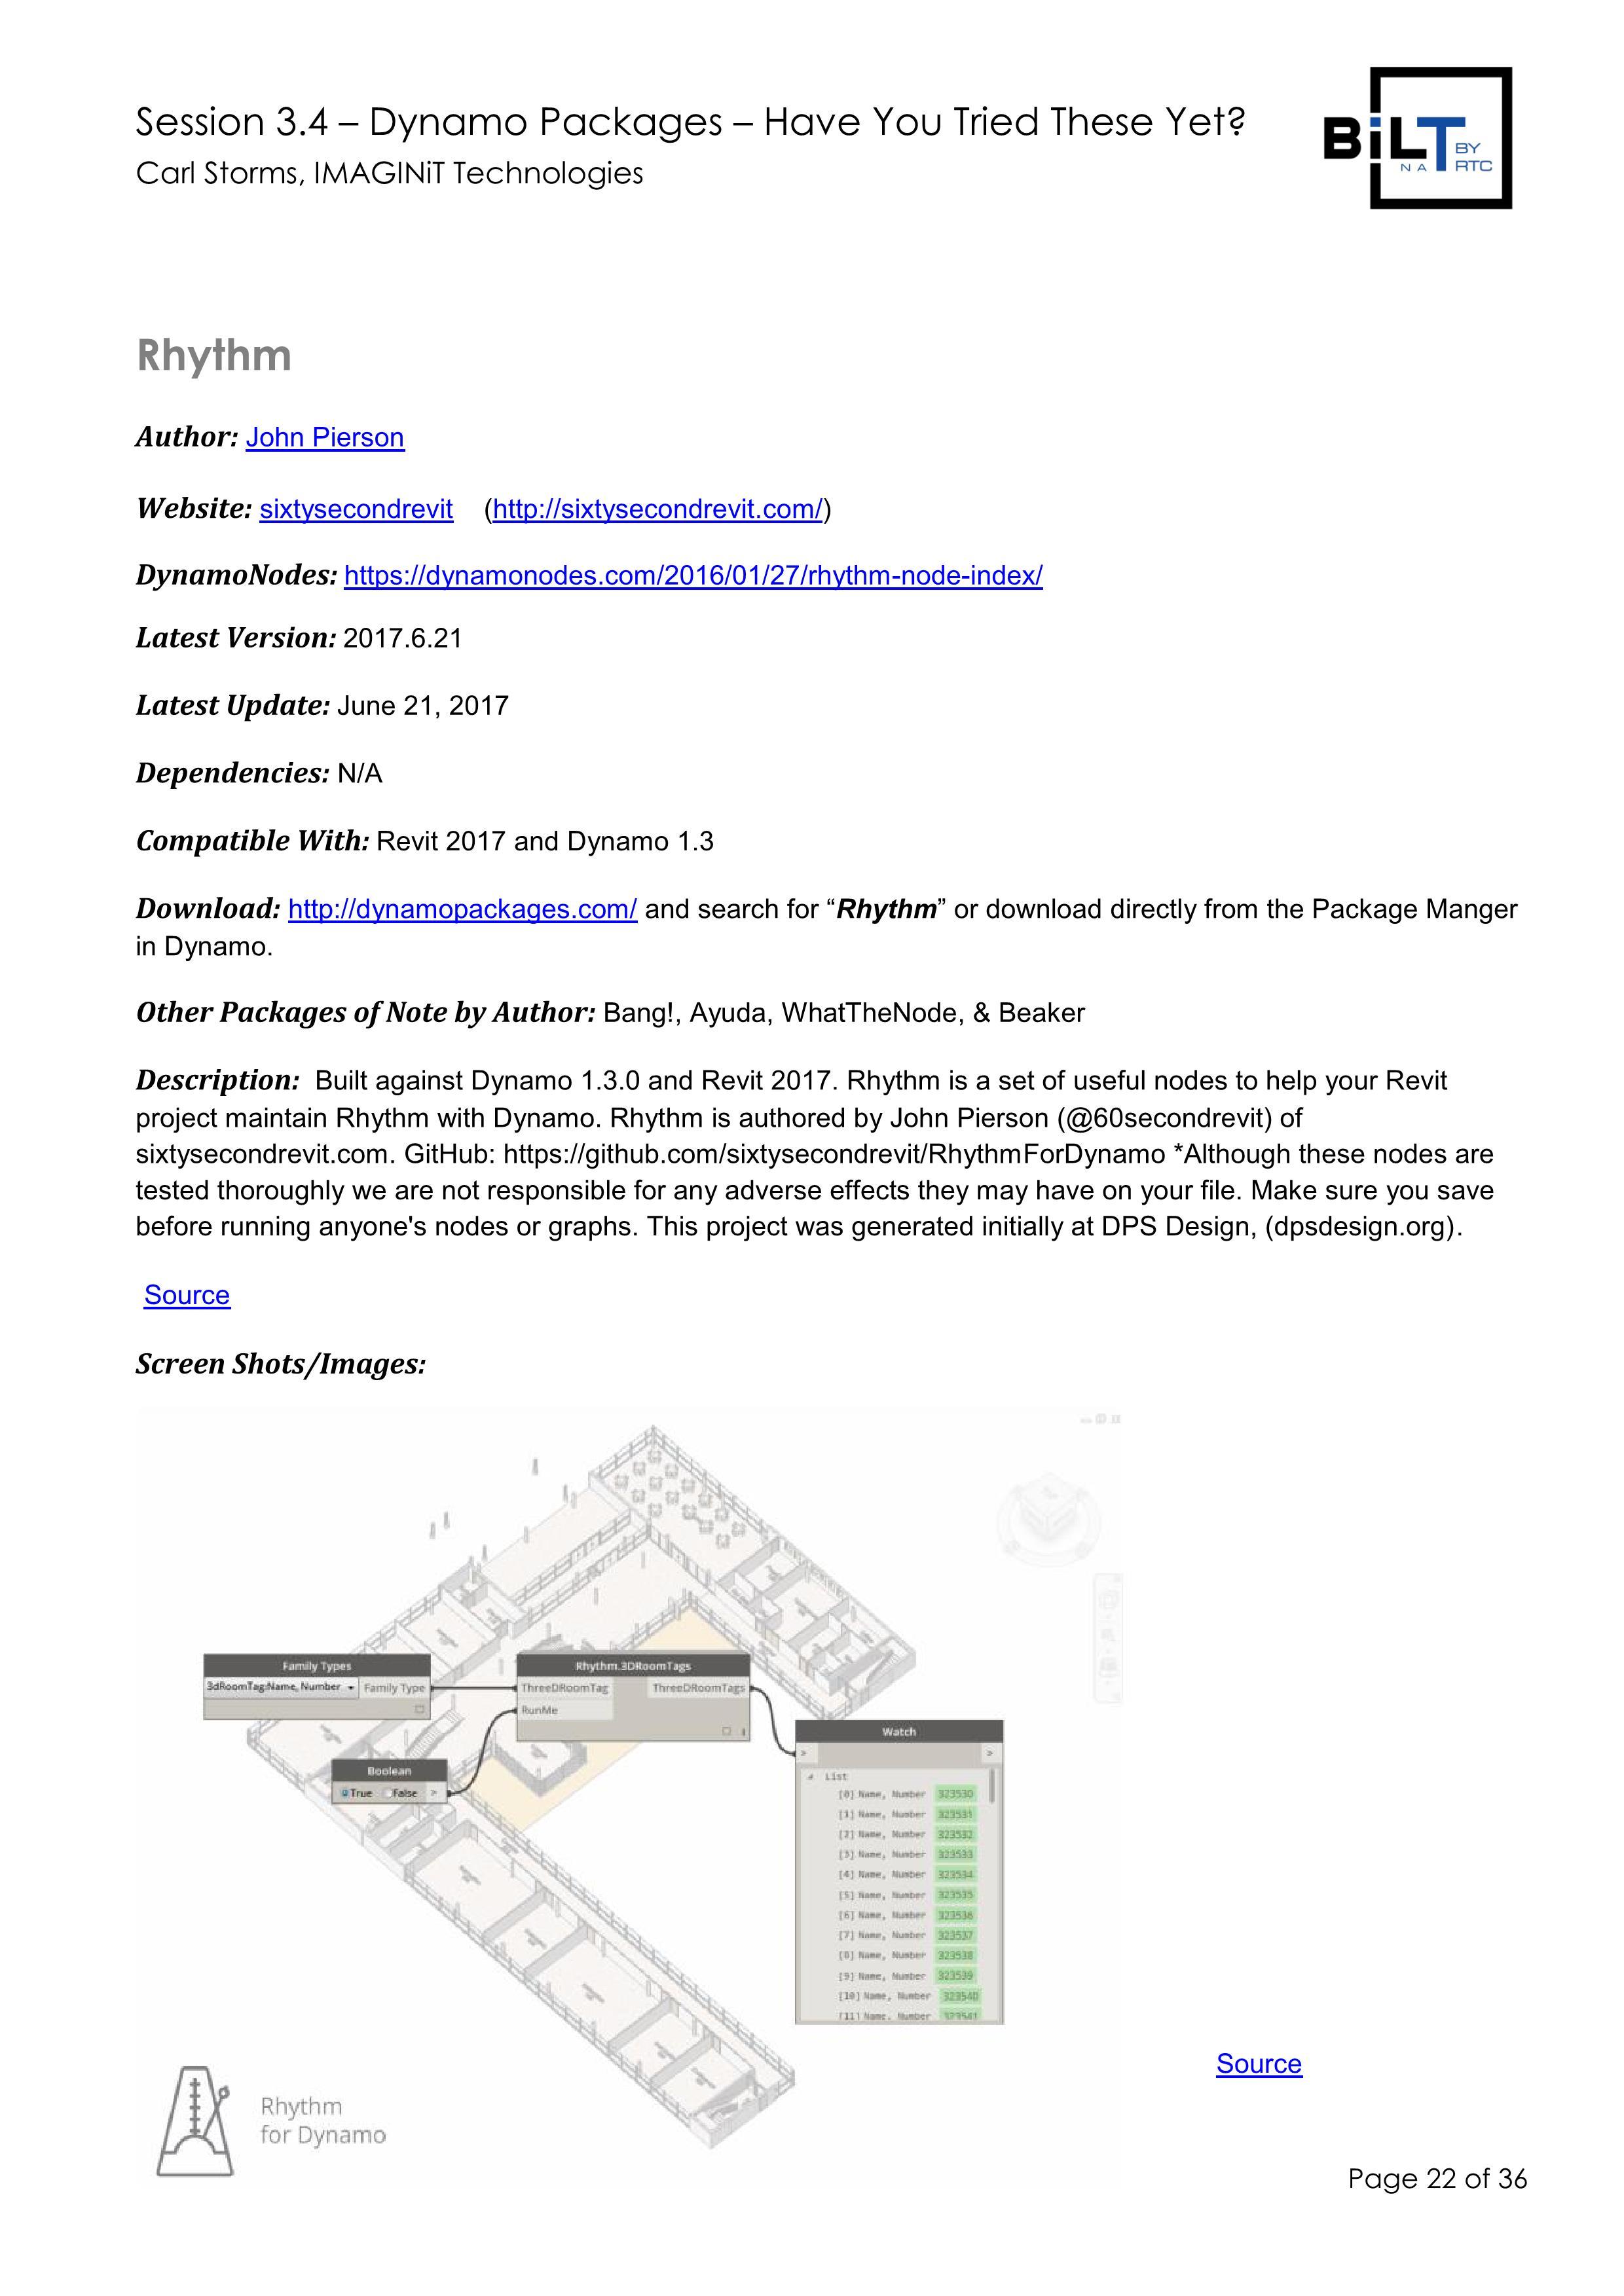 DynamoPackagesHaveYouTried Page 022.jpg